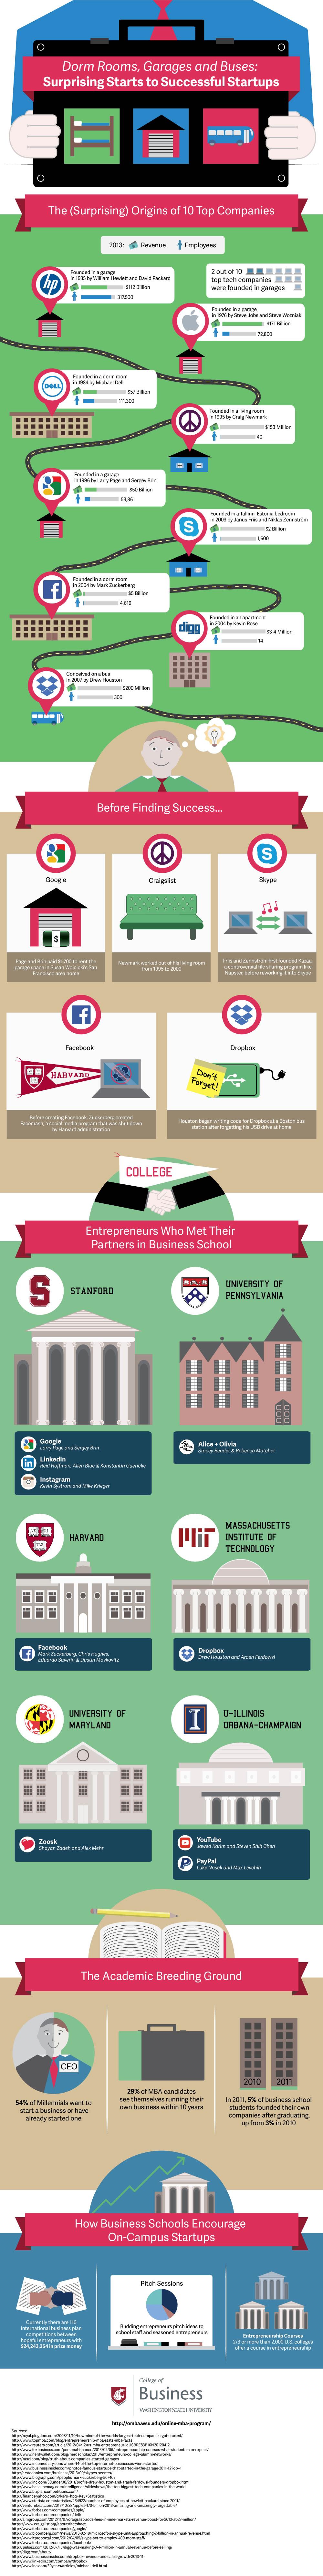 WSU-MBA-Surprising-Startups-5-27